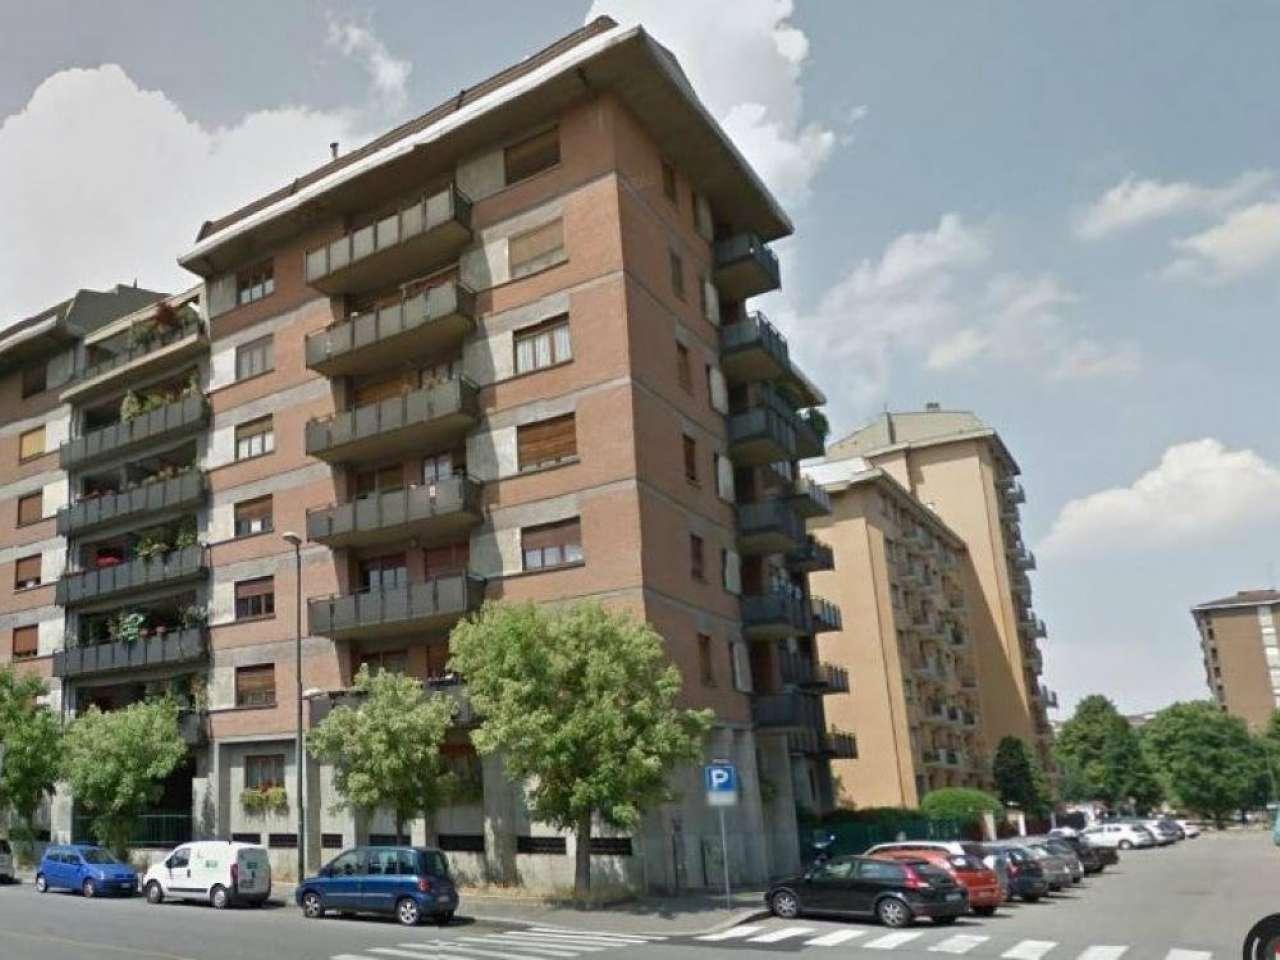 Foto 1 di Appartamento via DON GIOVANNI GRIOLI, Torino (zona Santa Rita)